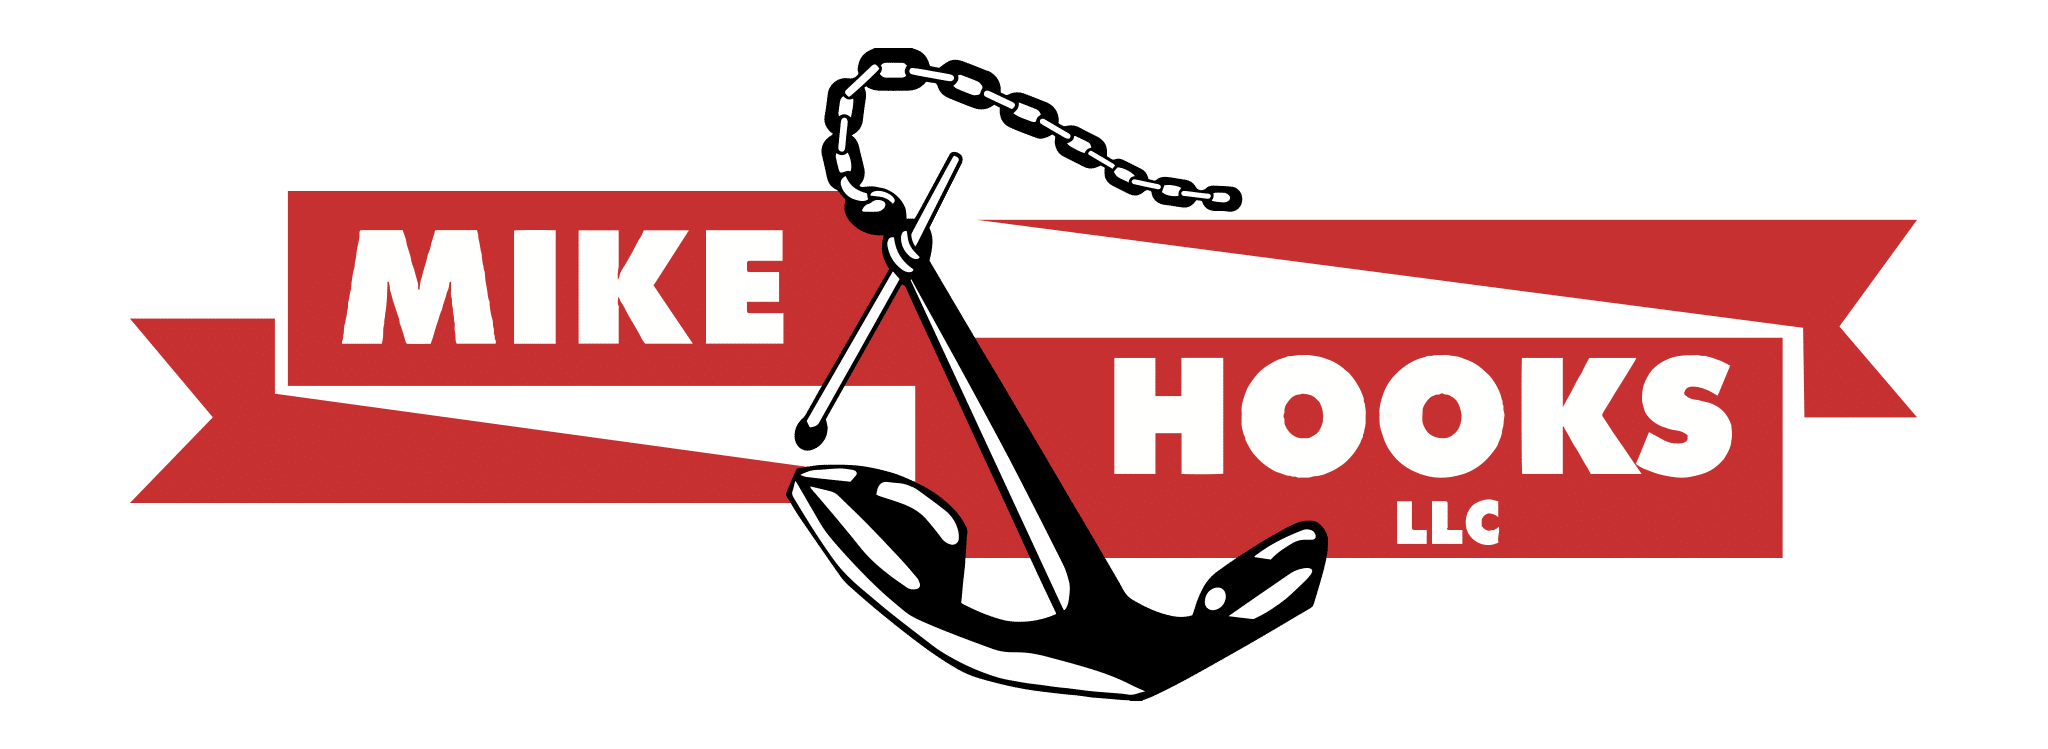 Mike Hooks, LLC